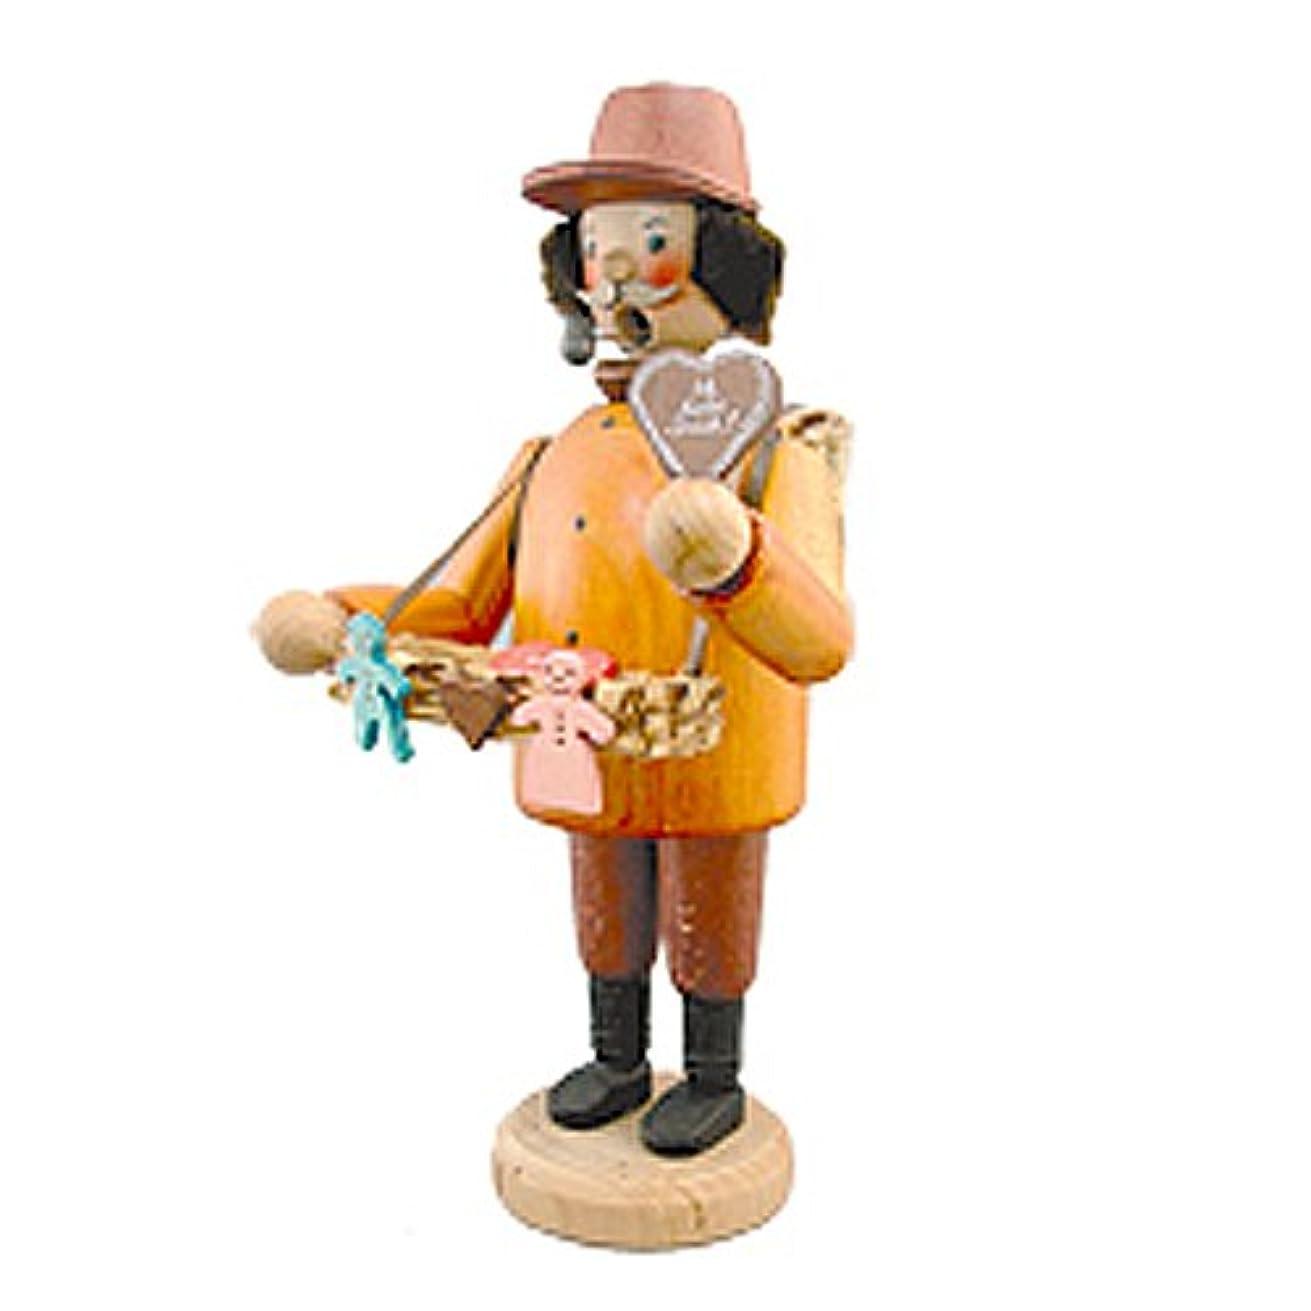 容量天の好きであるkuhnert(クーネルト) パイプ人形香炉 120×200mm 「菓子売り」